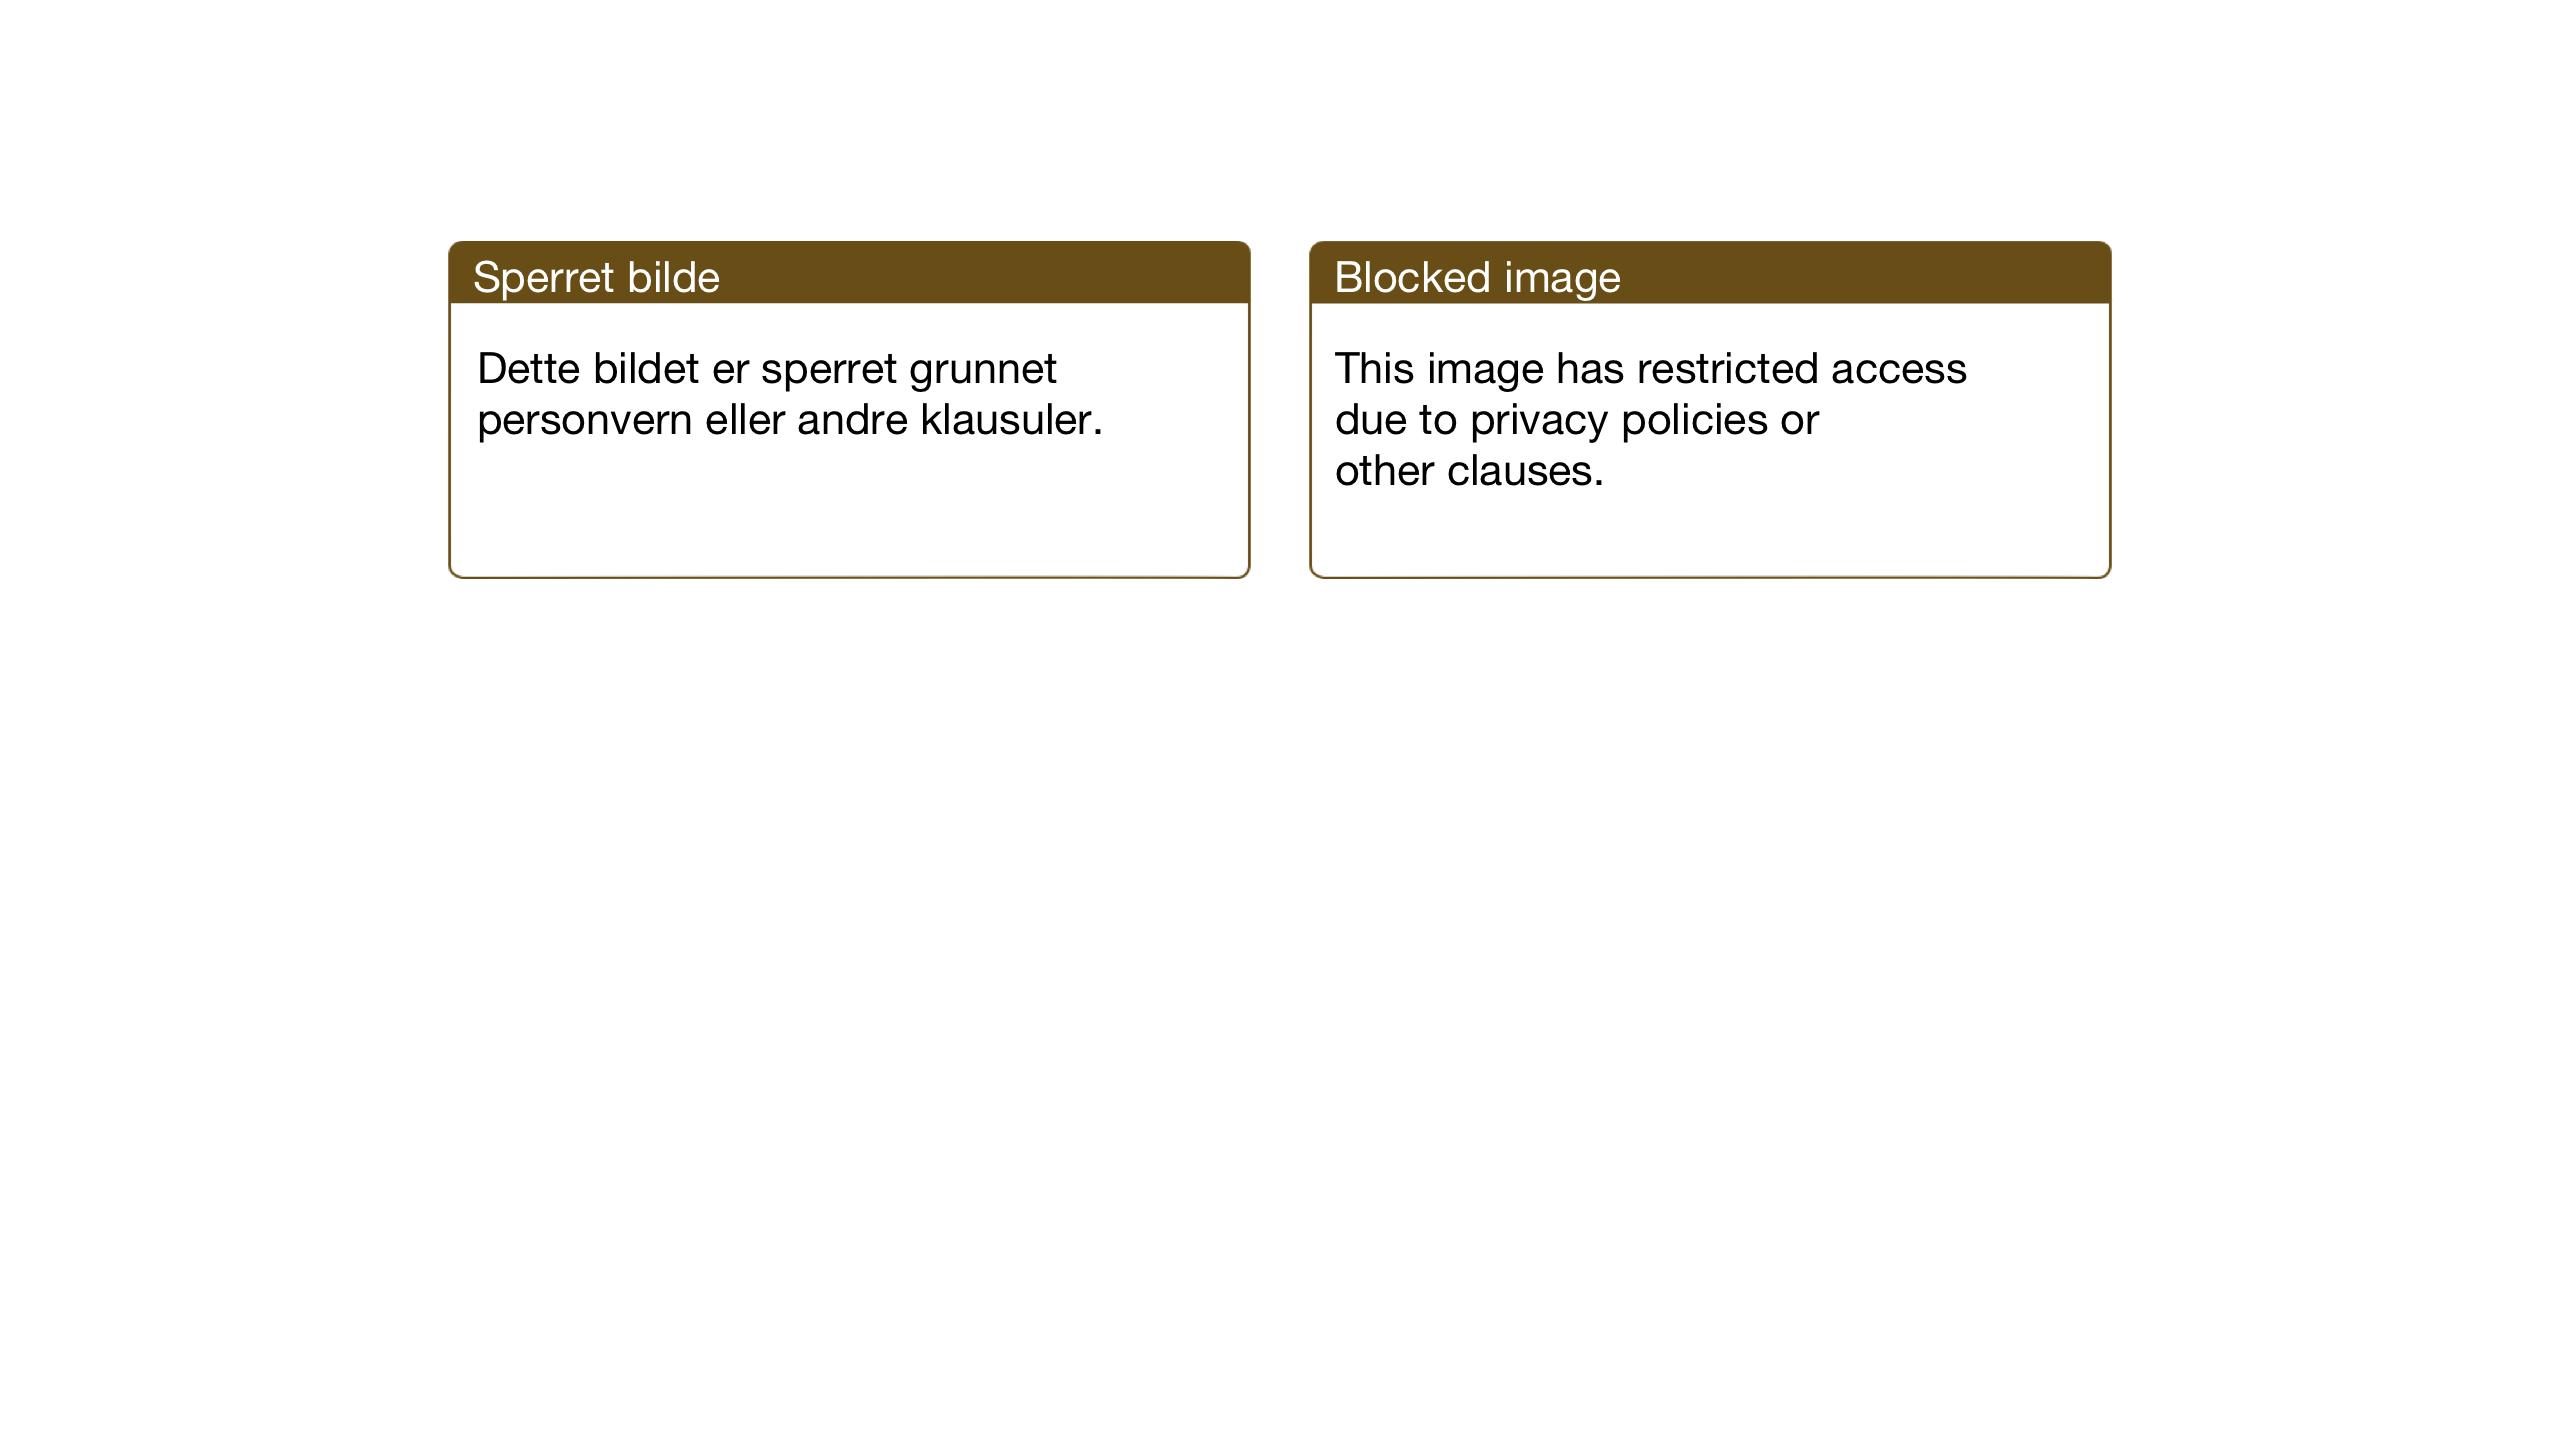 SAT, Ministerialprotokoller, klokkerbøker og fødselsregistre - Nord-Trøndelag, 720/L0193: Klokkerbok nr. 720C02, 1918-1941, s. 38